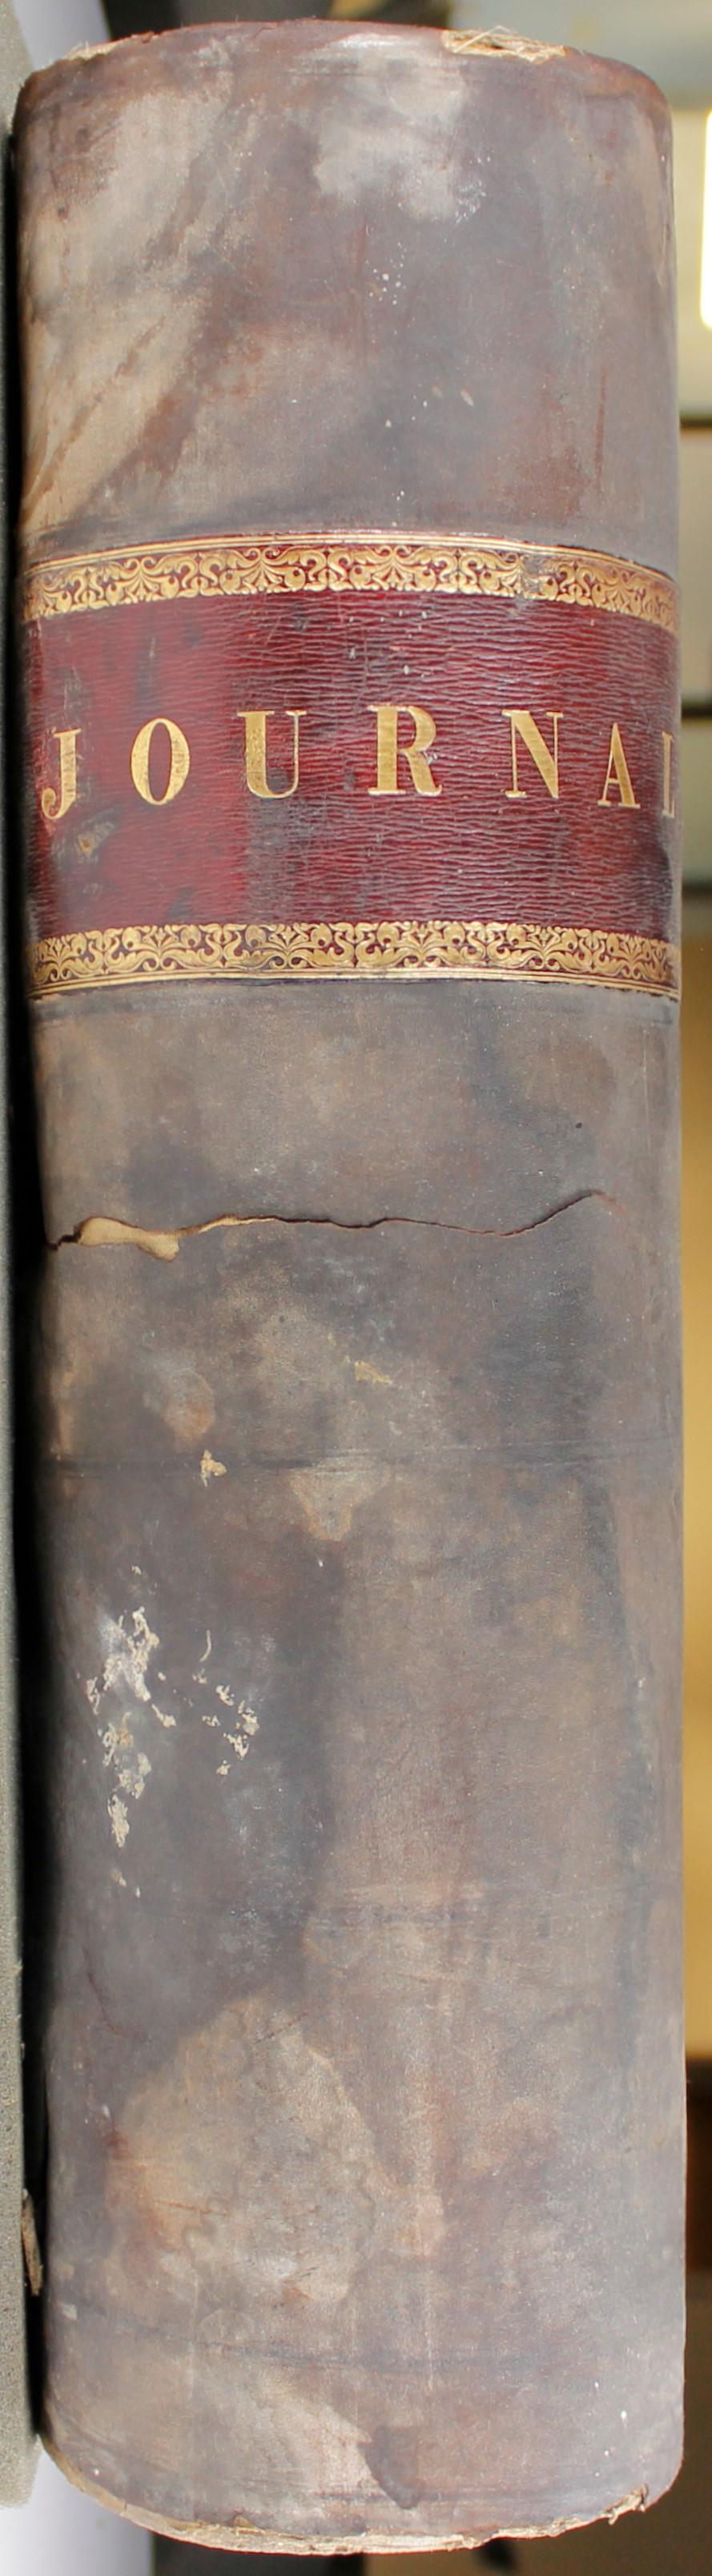 Journal Spine